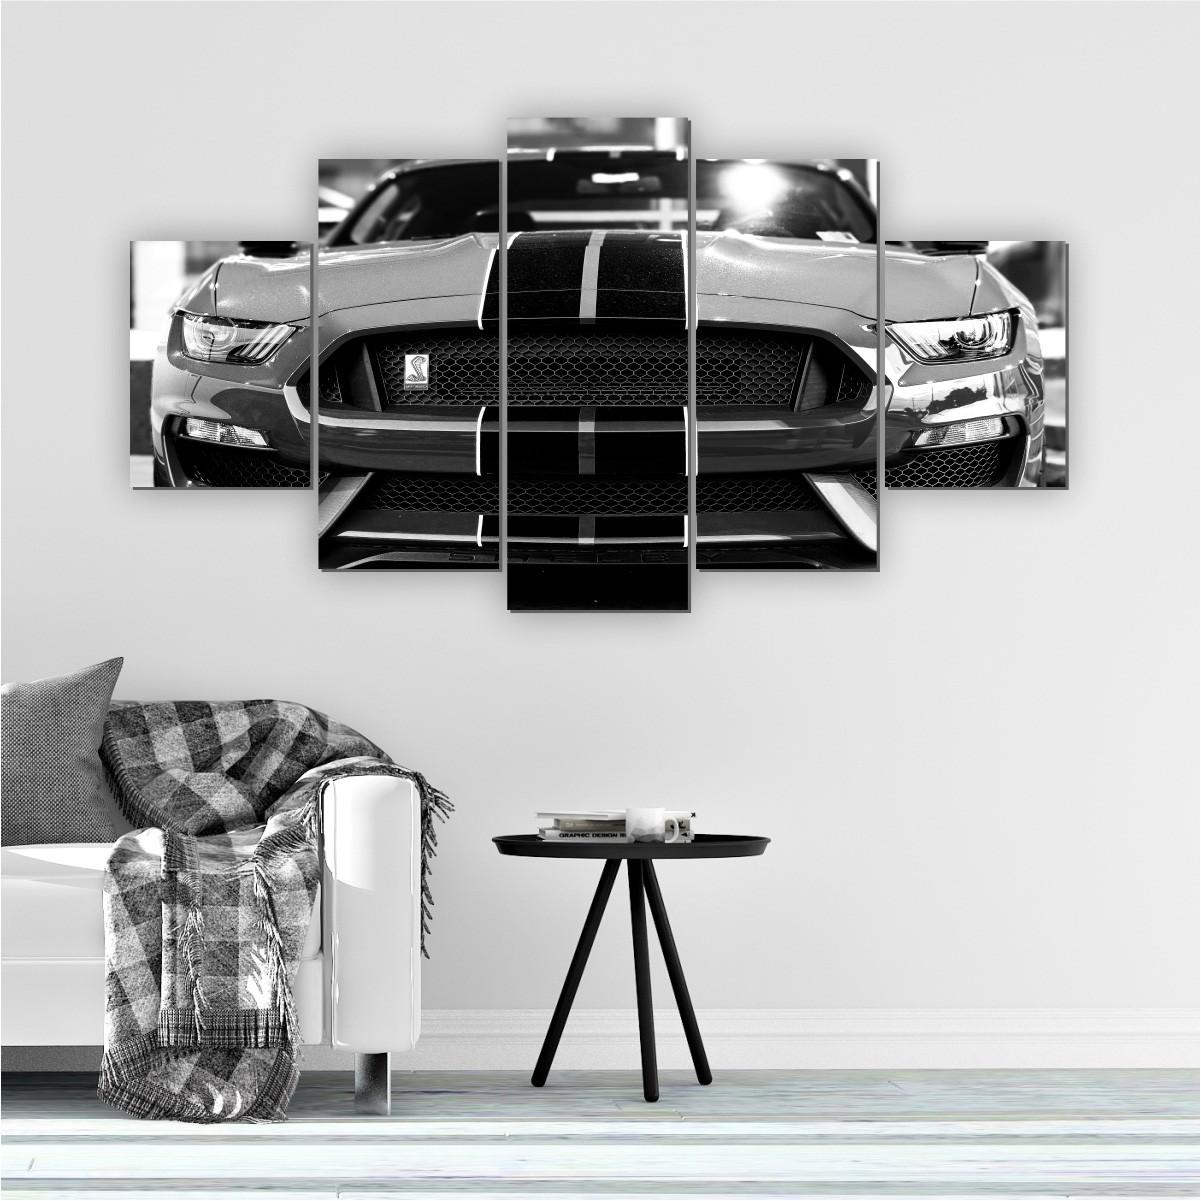 Quadros Decorativos Mosaico Quarto Sala Carro Preto e Branco 5 peças